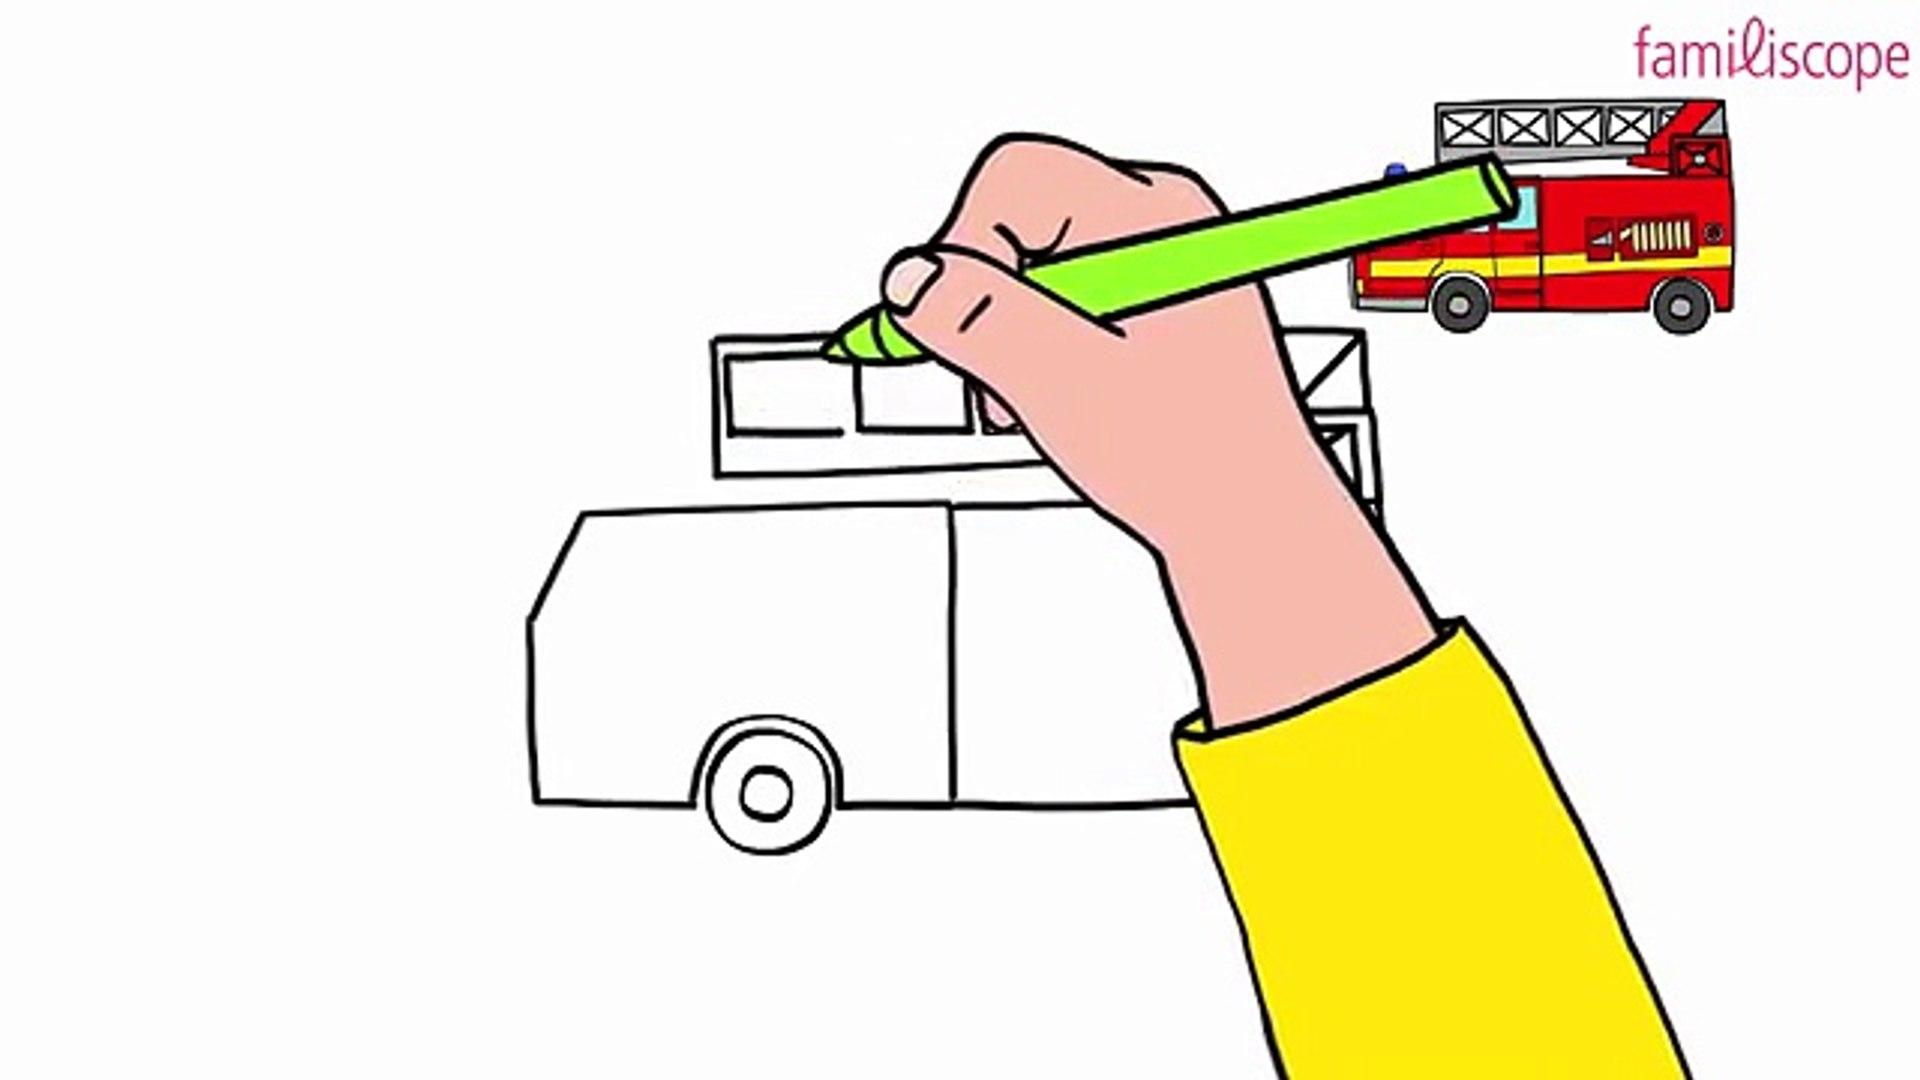 Apprendre à dessiner un camion pour les pompiers en 25 étapes